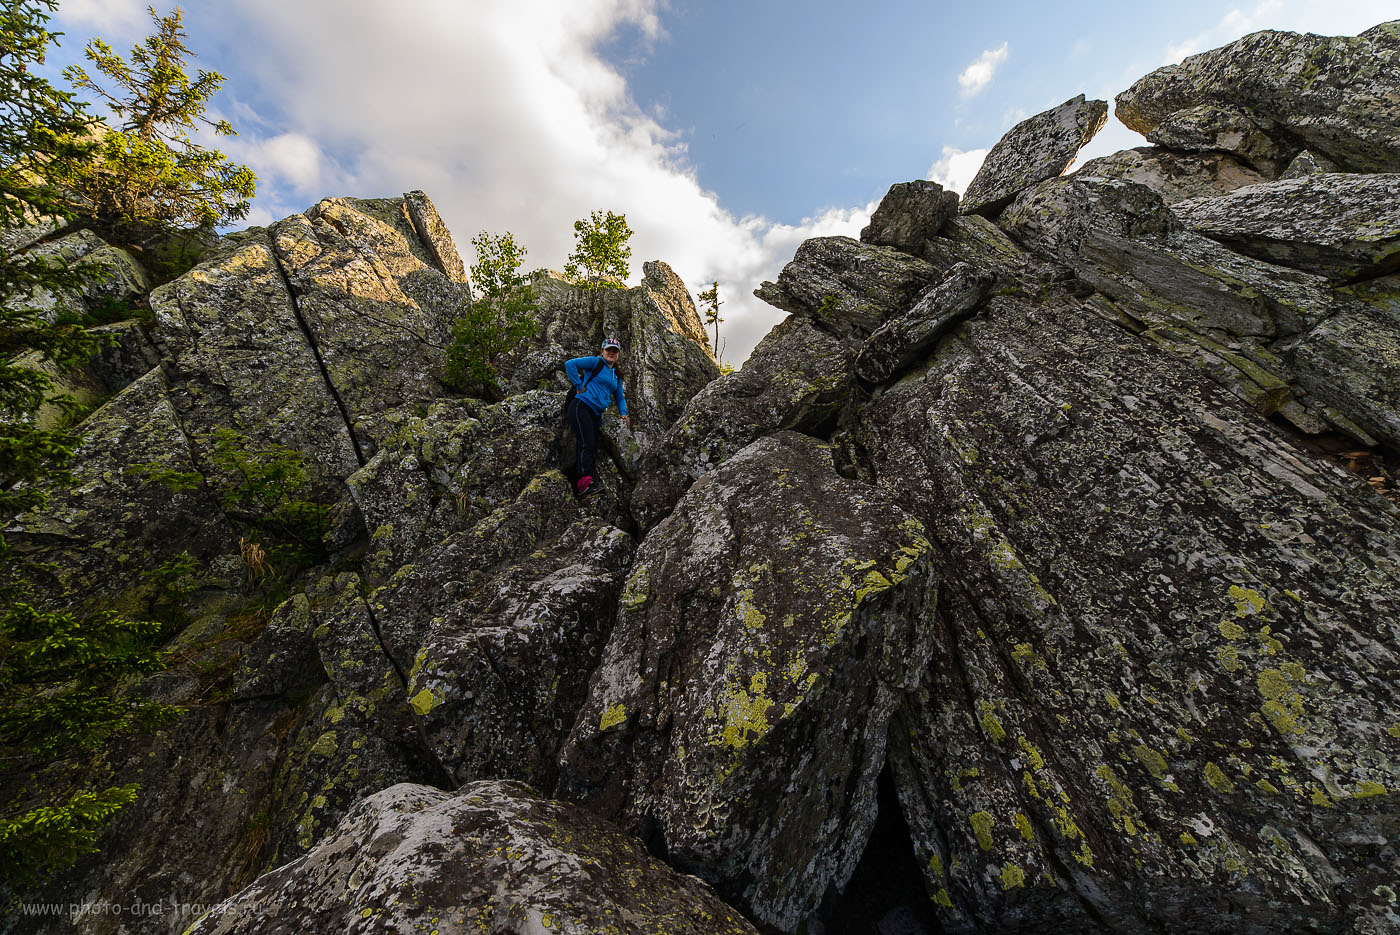 17. Я всегда говорил, что масштаб гор легче передать, если снимать фотографию на телеобъектив. Как видно, и ширик Самъянг 14/2,8 для этого тоже годится. Вершина горы Малиновая (160, 14, 8.0, 1/80) на окраине Белорецка в Башкирии.